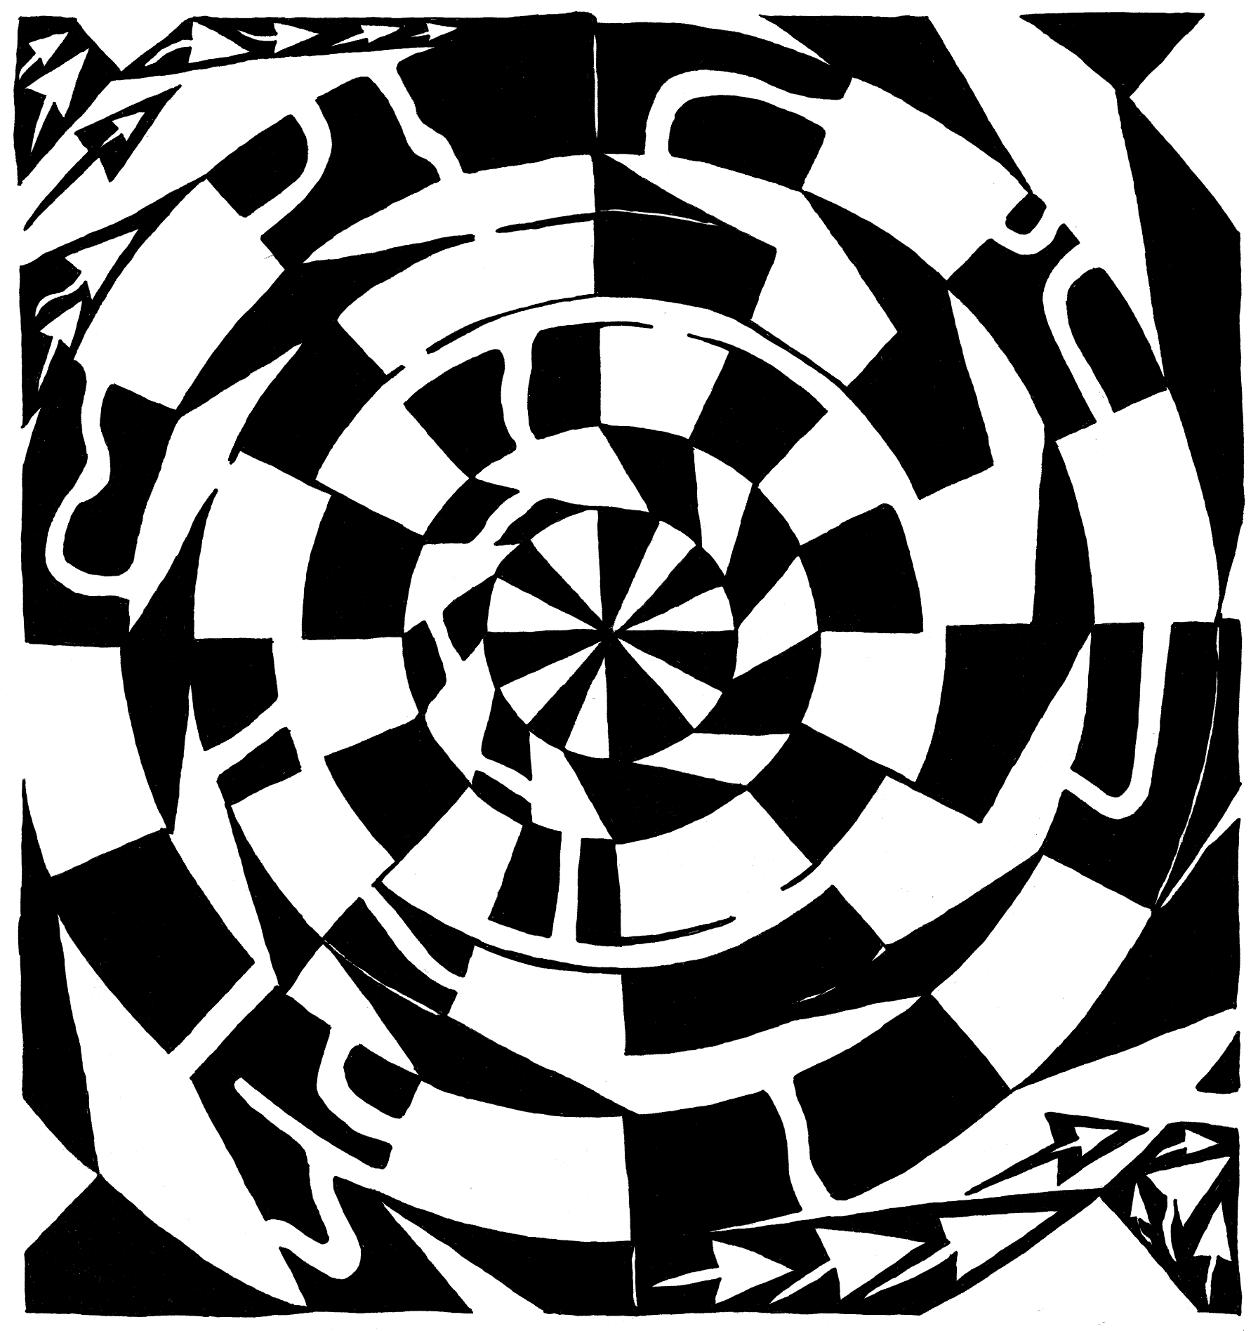 illusions vortex optical